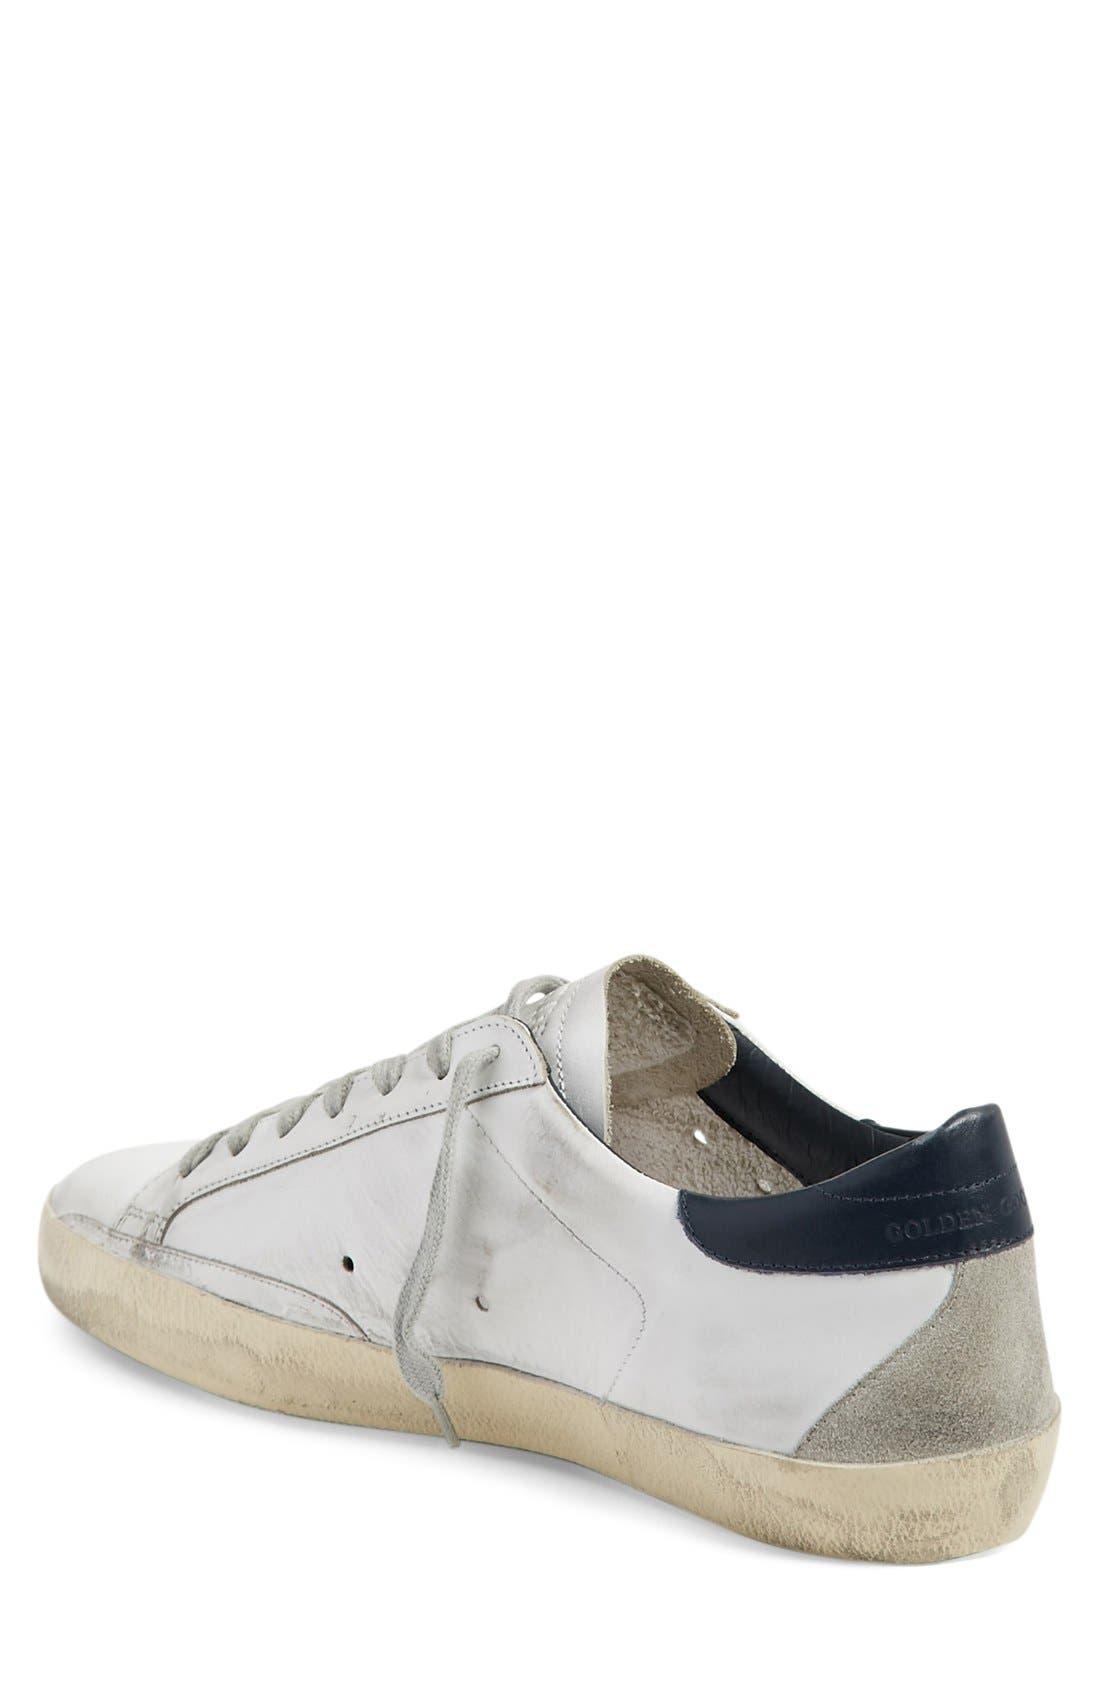 ,                             'Superstar' Sneaker,                             Alternate thumbnail 110, color,                             100